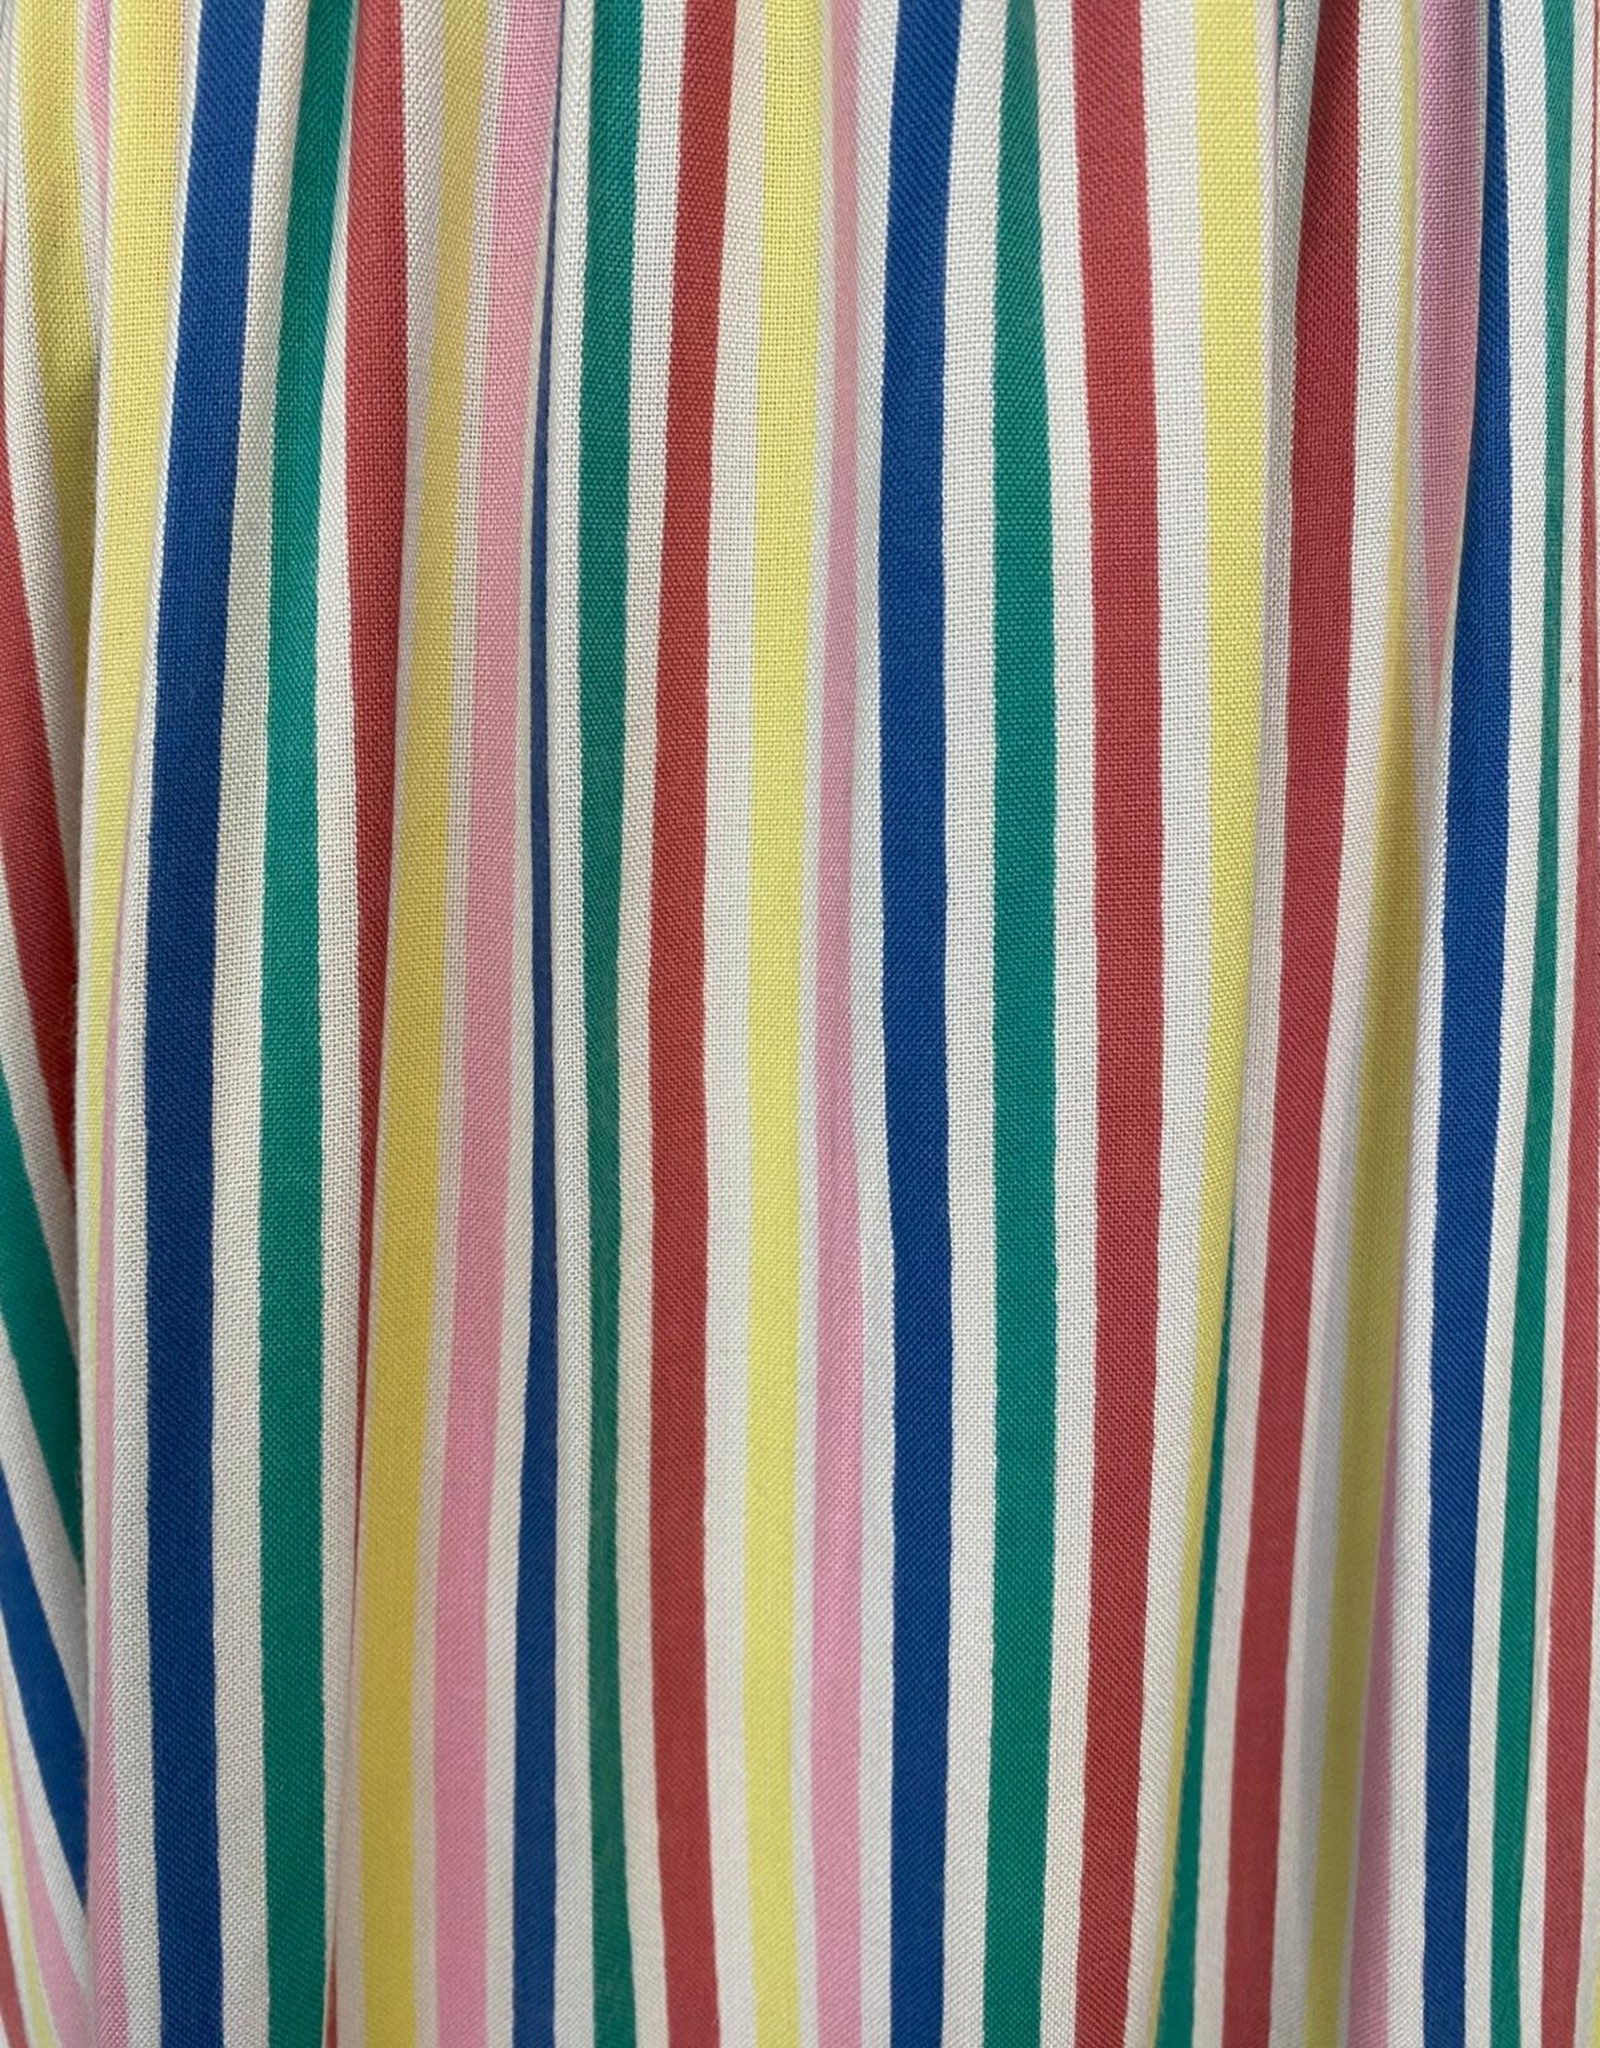 COMPANIA FANTASTICA PIC19 STRAP SUMMER DRESS